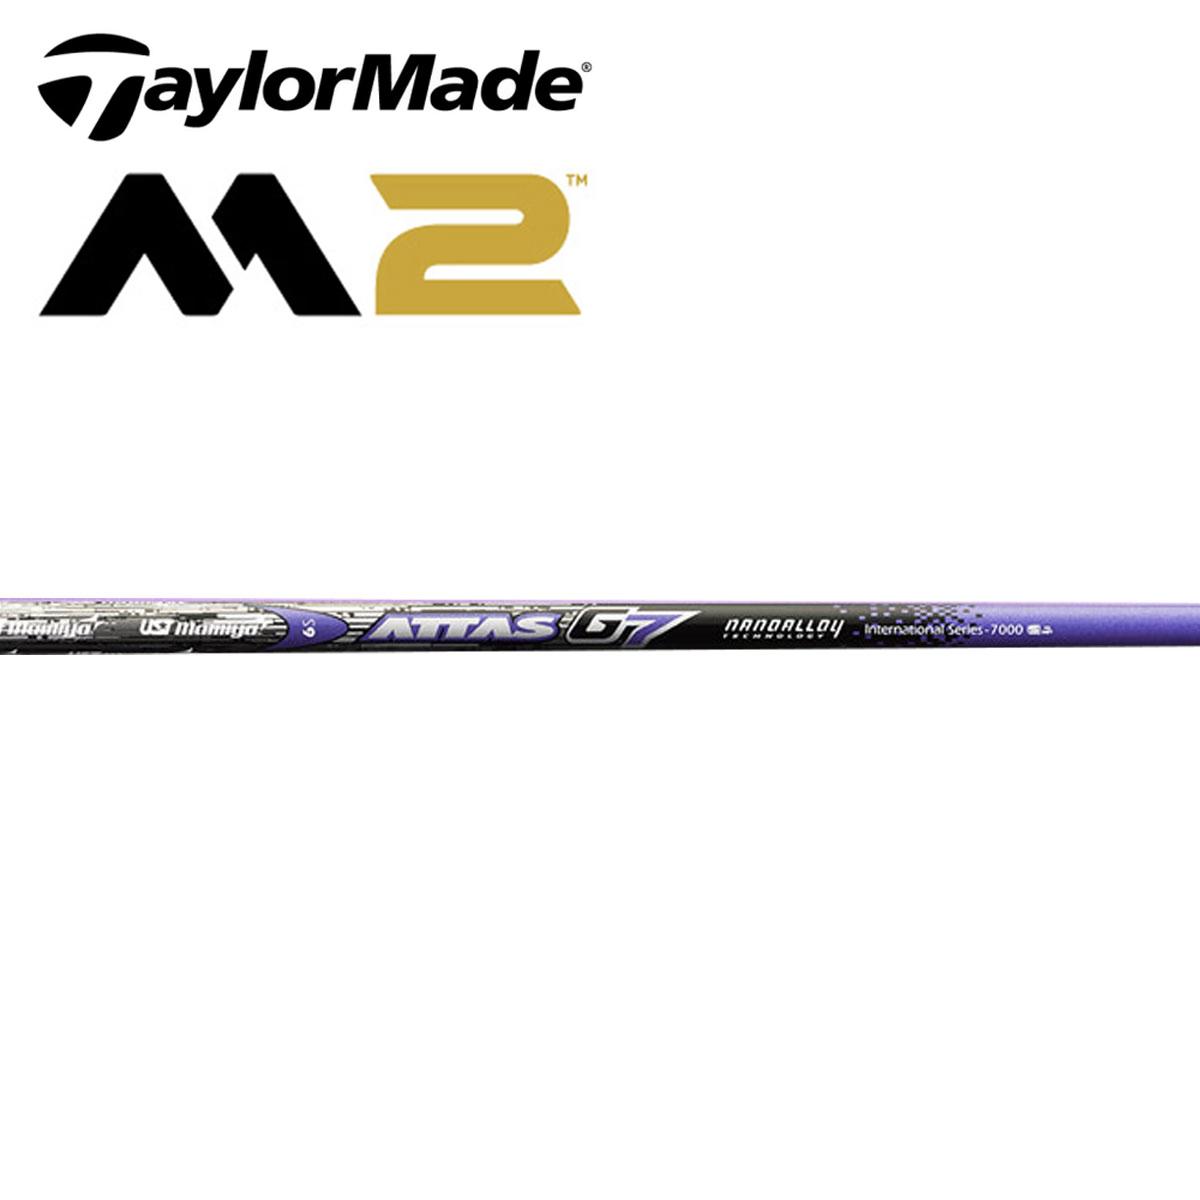 ATTAS G7シリーズ M2 ドライバーロフト10.5度用スリーブ付きシャフト 2016年モデル【テーラーメイド専用】